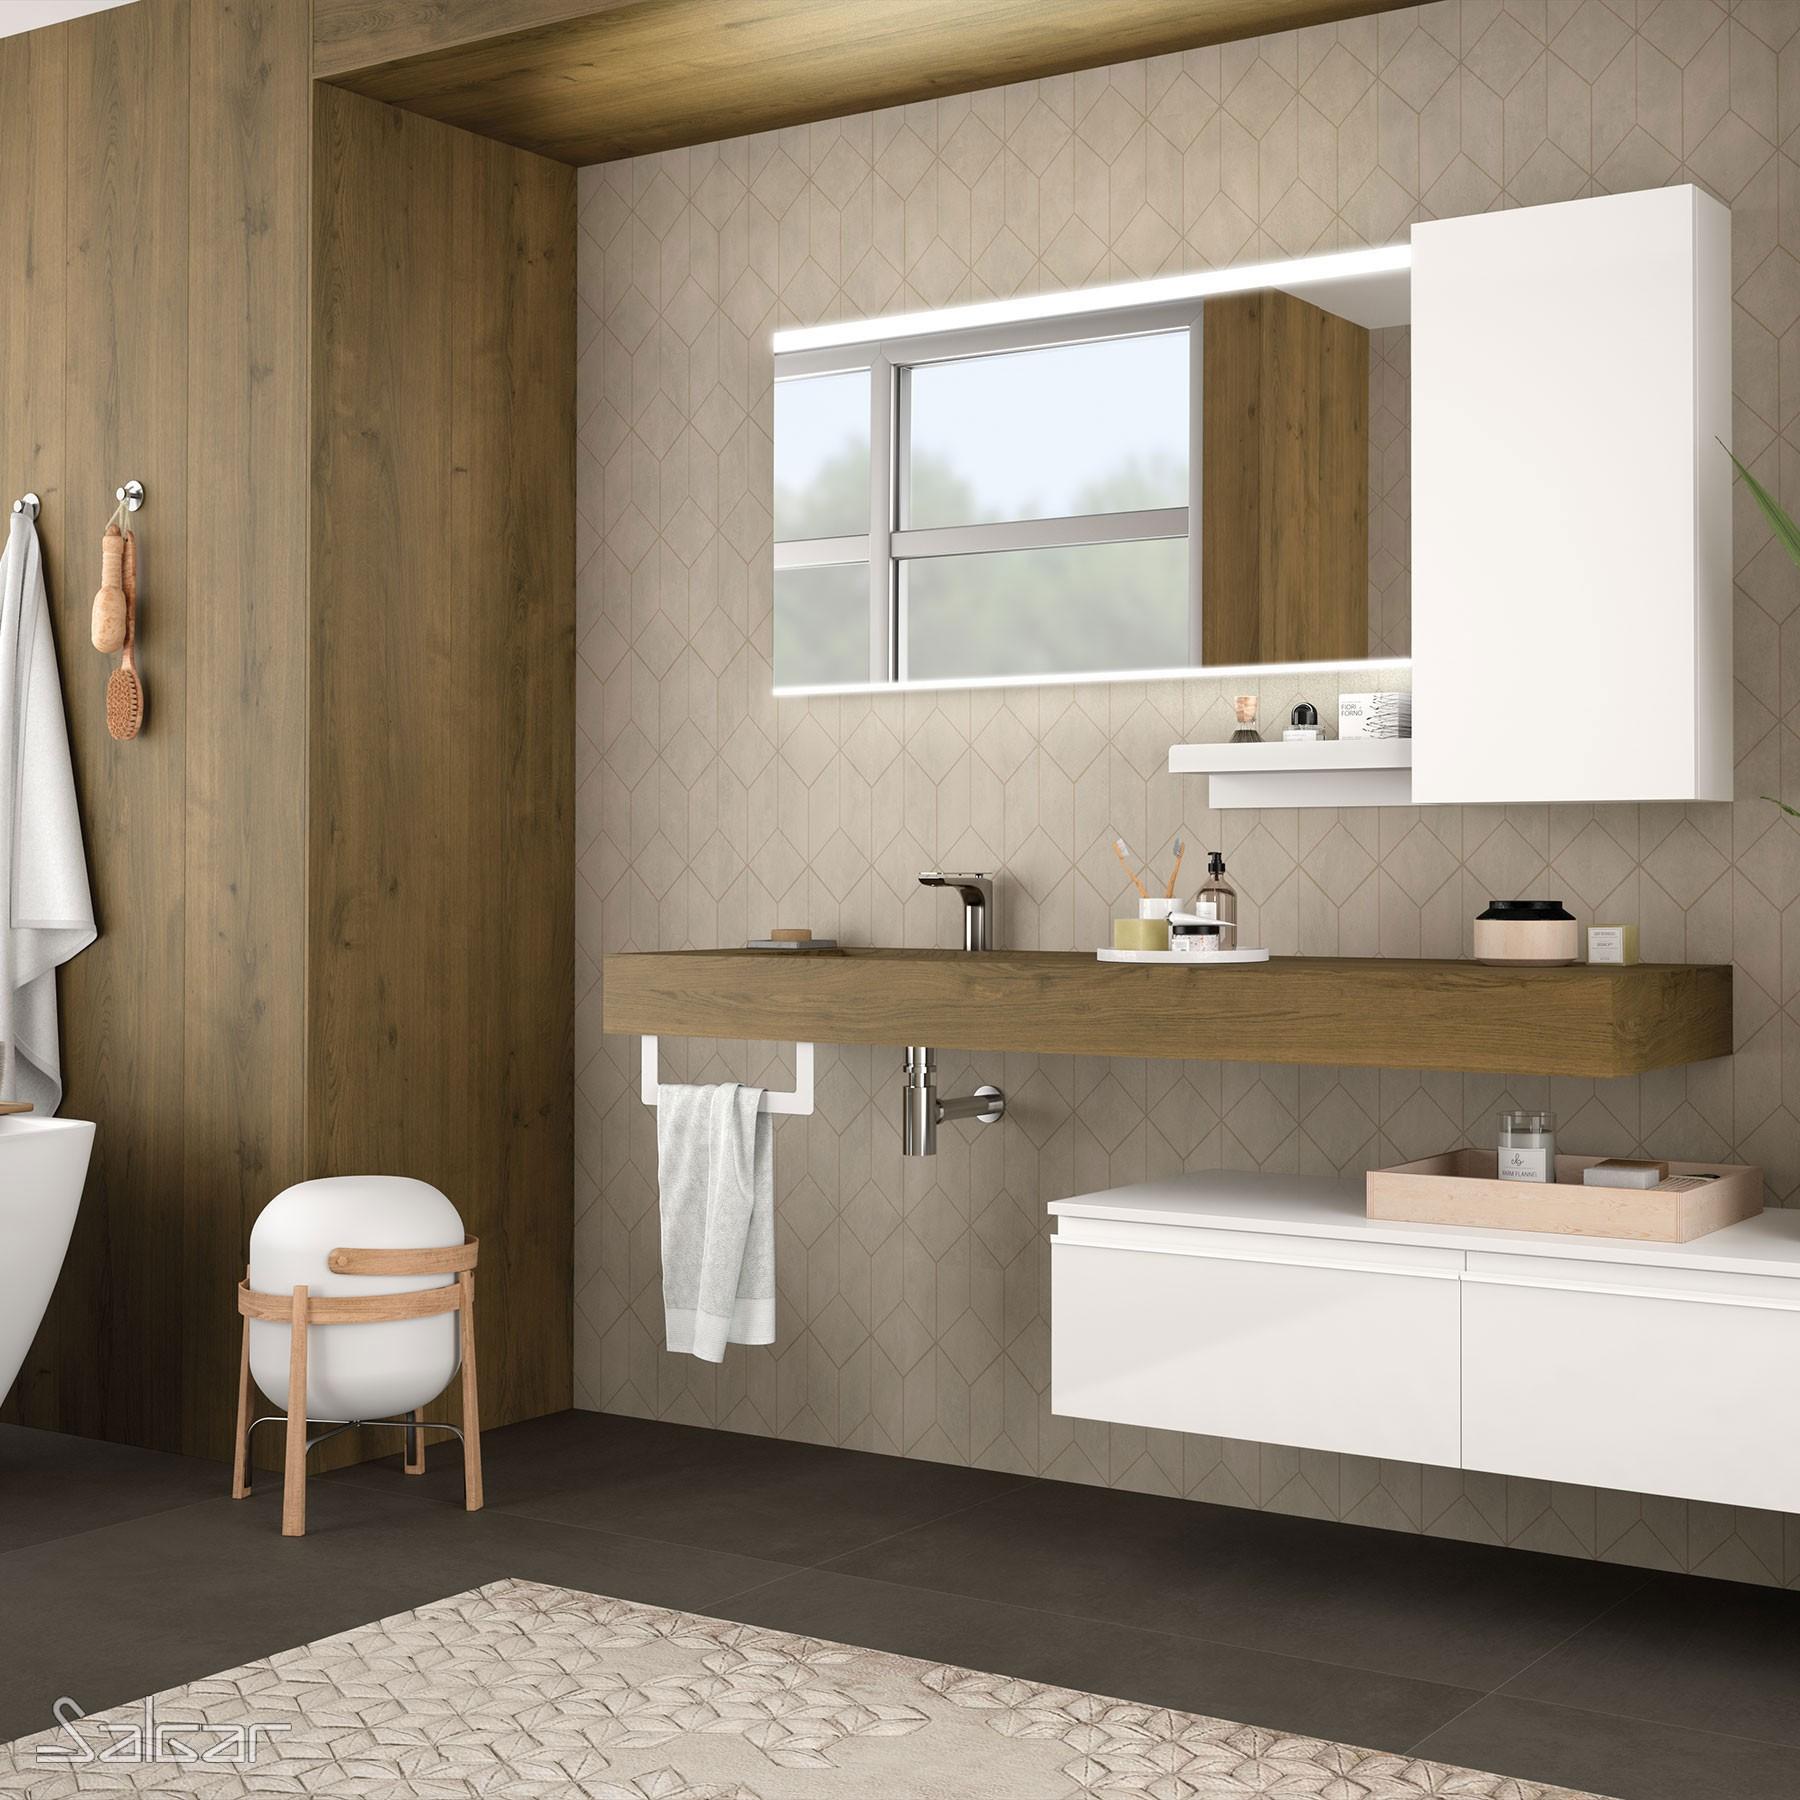 Plan De Toilette Compakt 46 Chene Havana De 1410 A 1600 Mm Avec Vasque Integree 1410 1600 X 460 X120 Mm